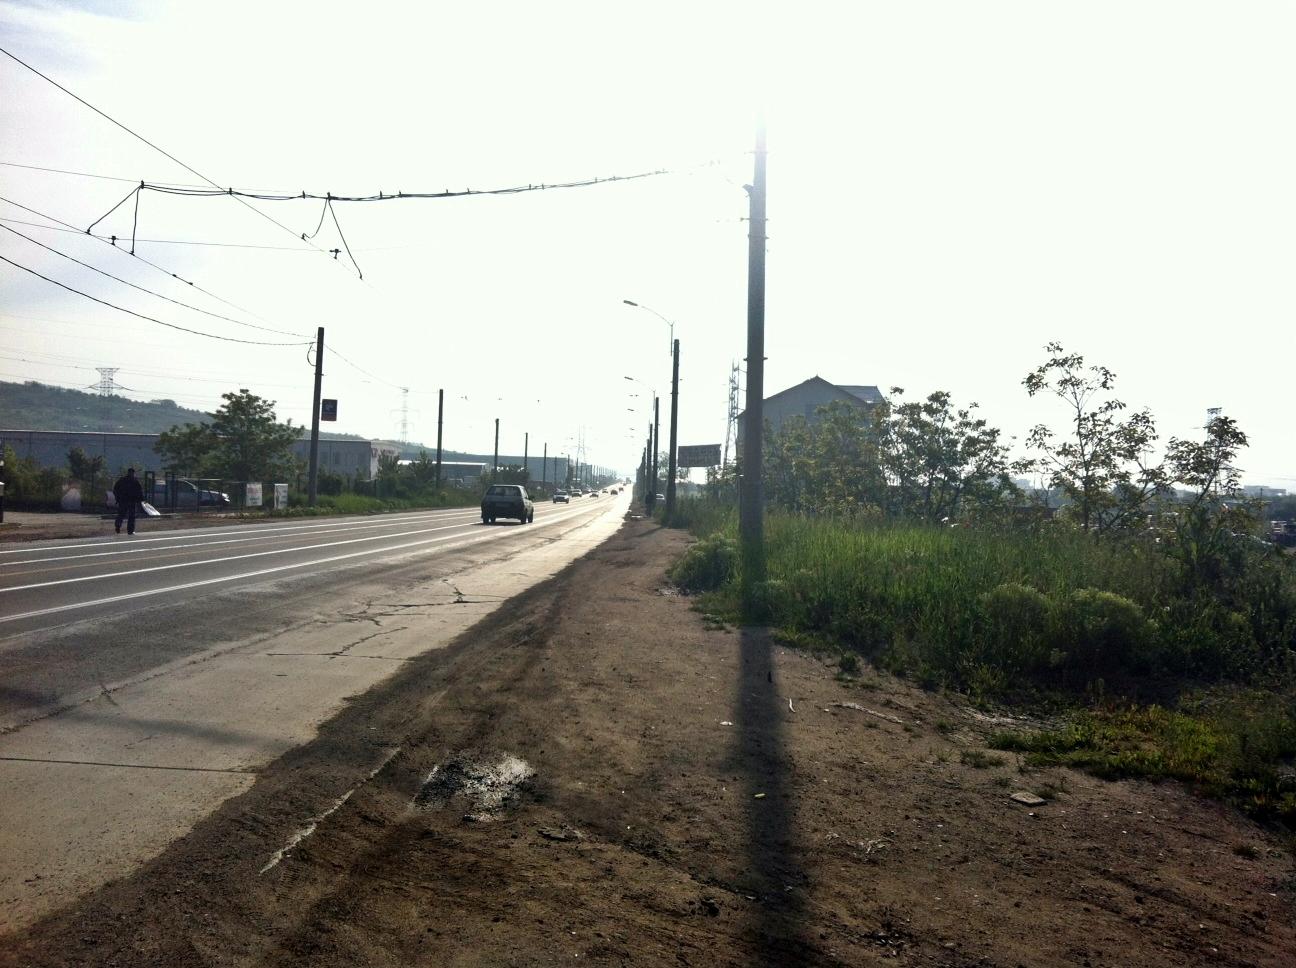 strada emerson